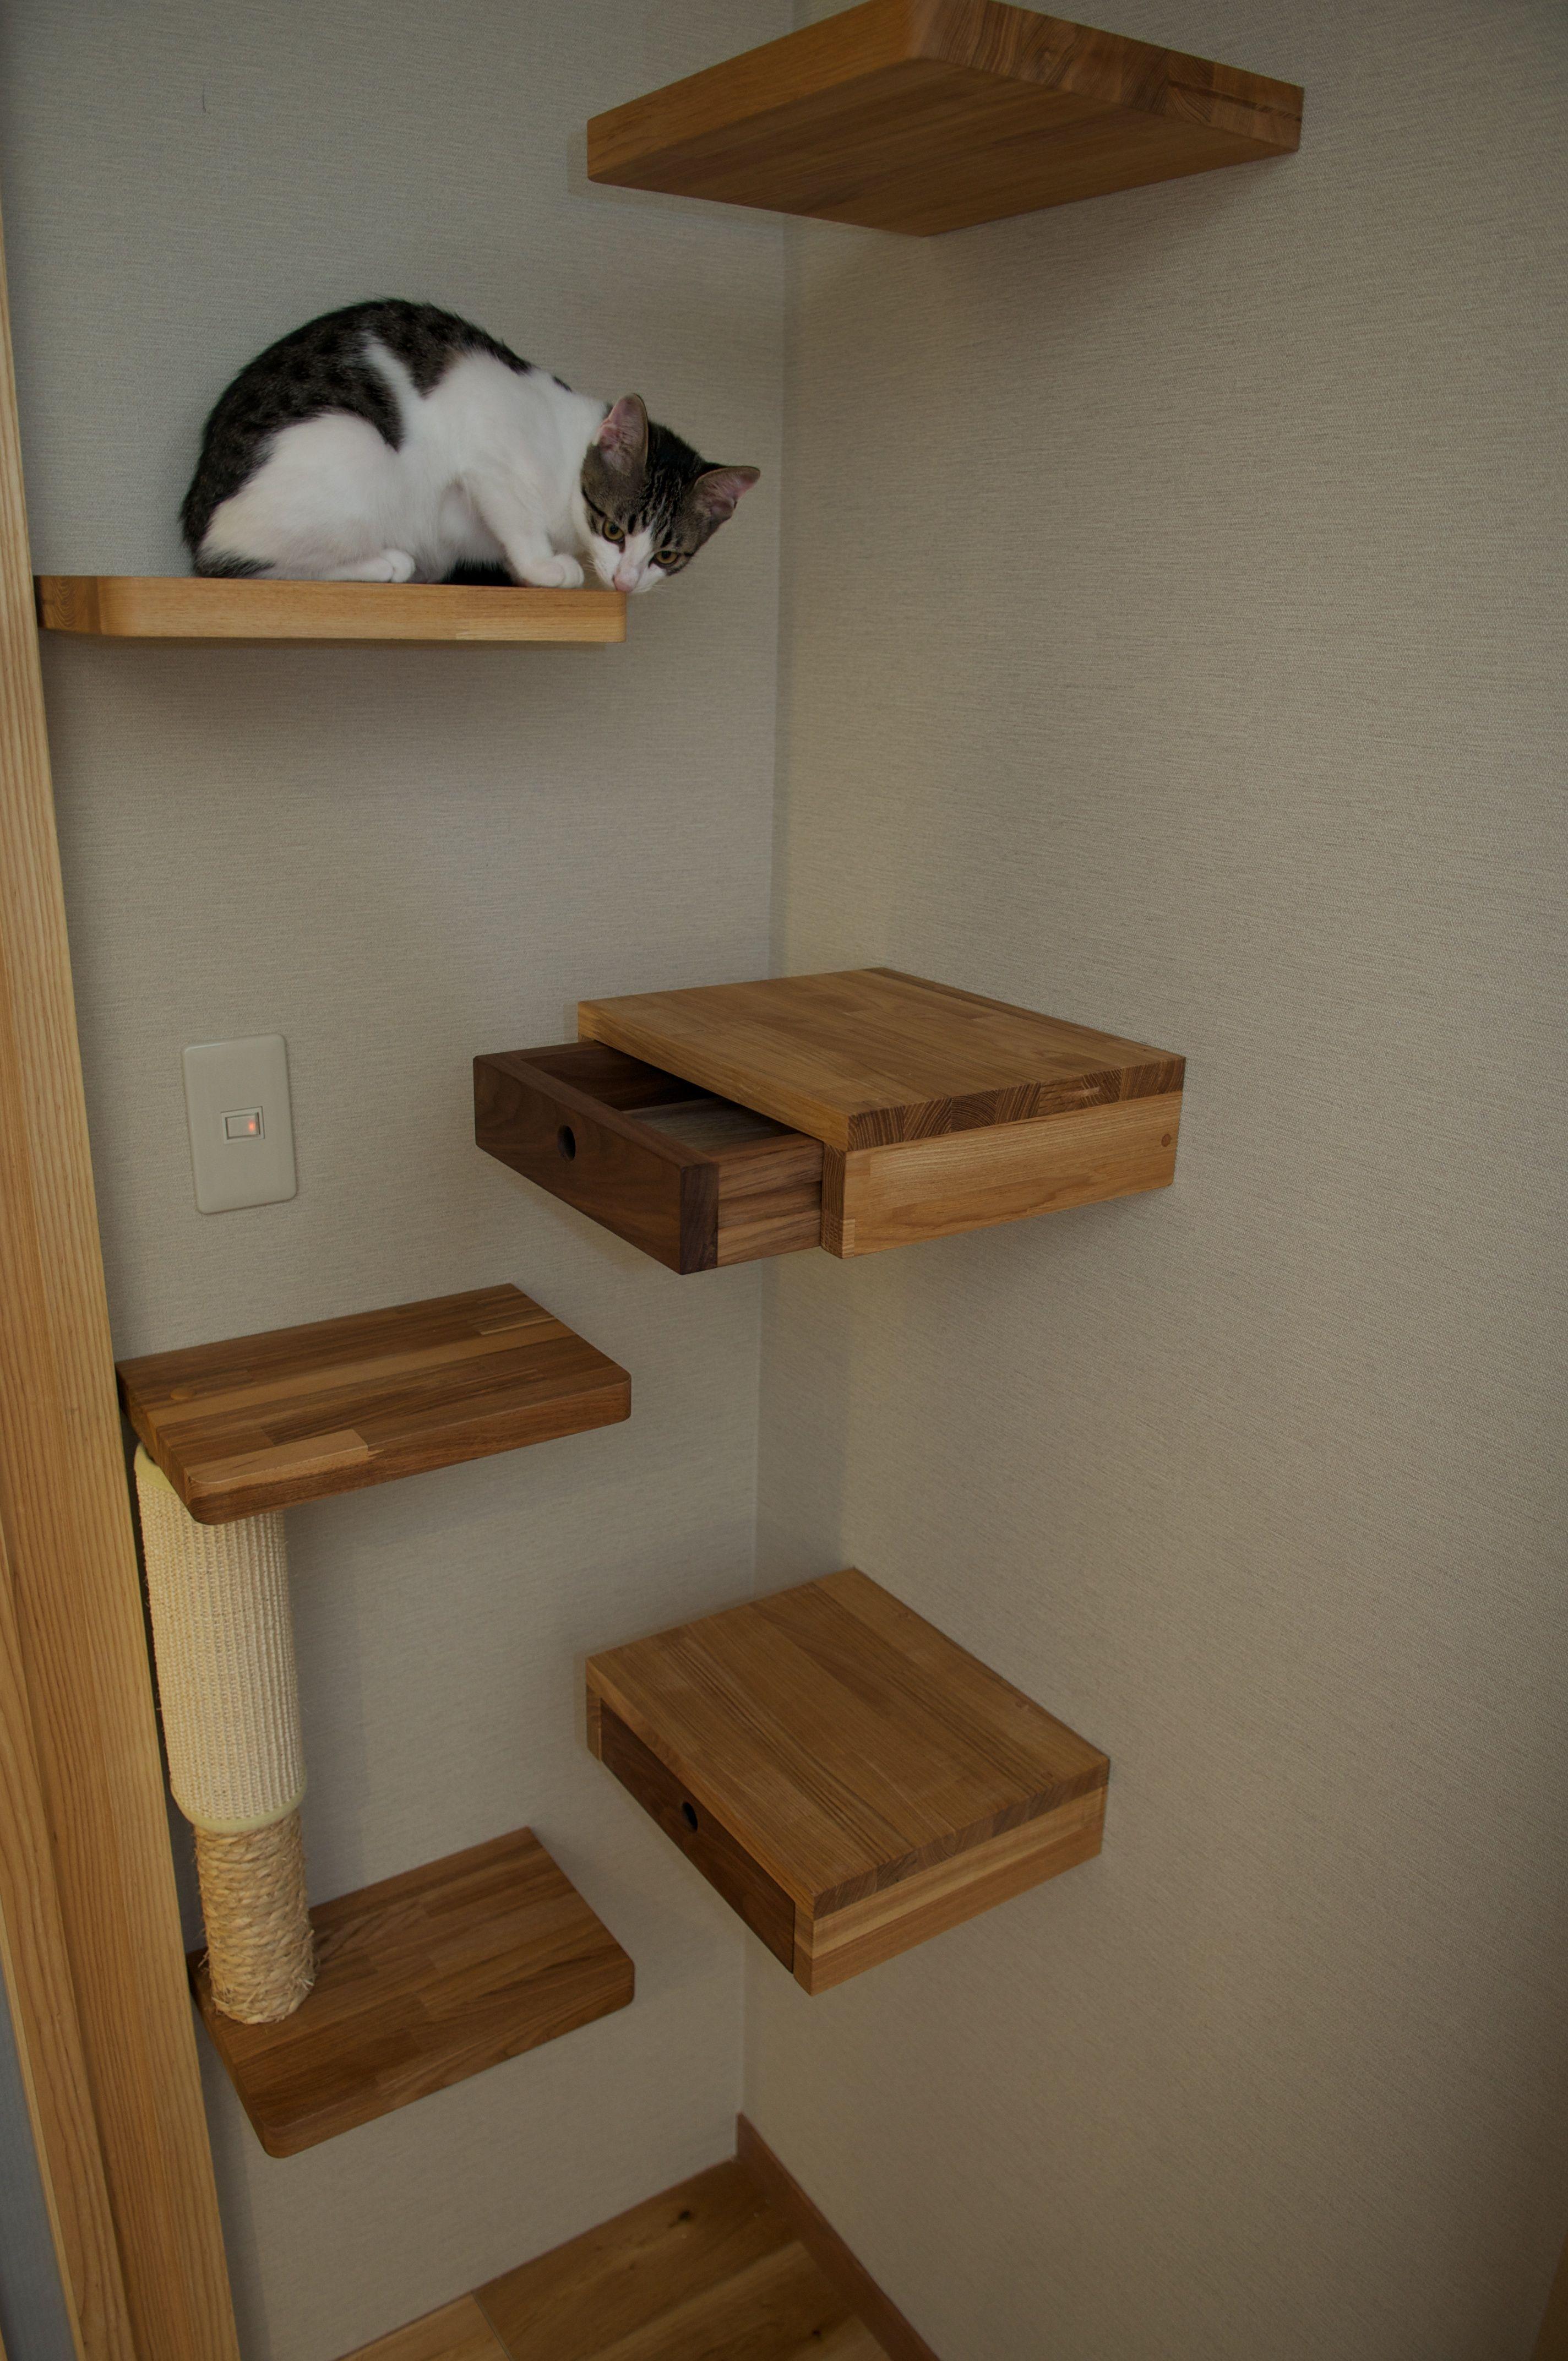 Cat Shelf And Secret Drawer For Catnip My Way Gatos